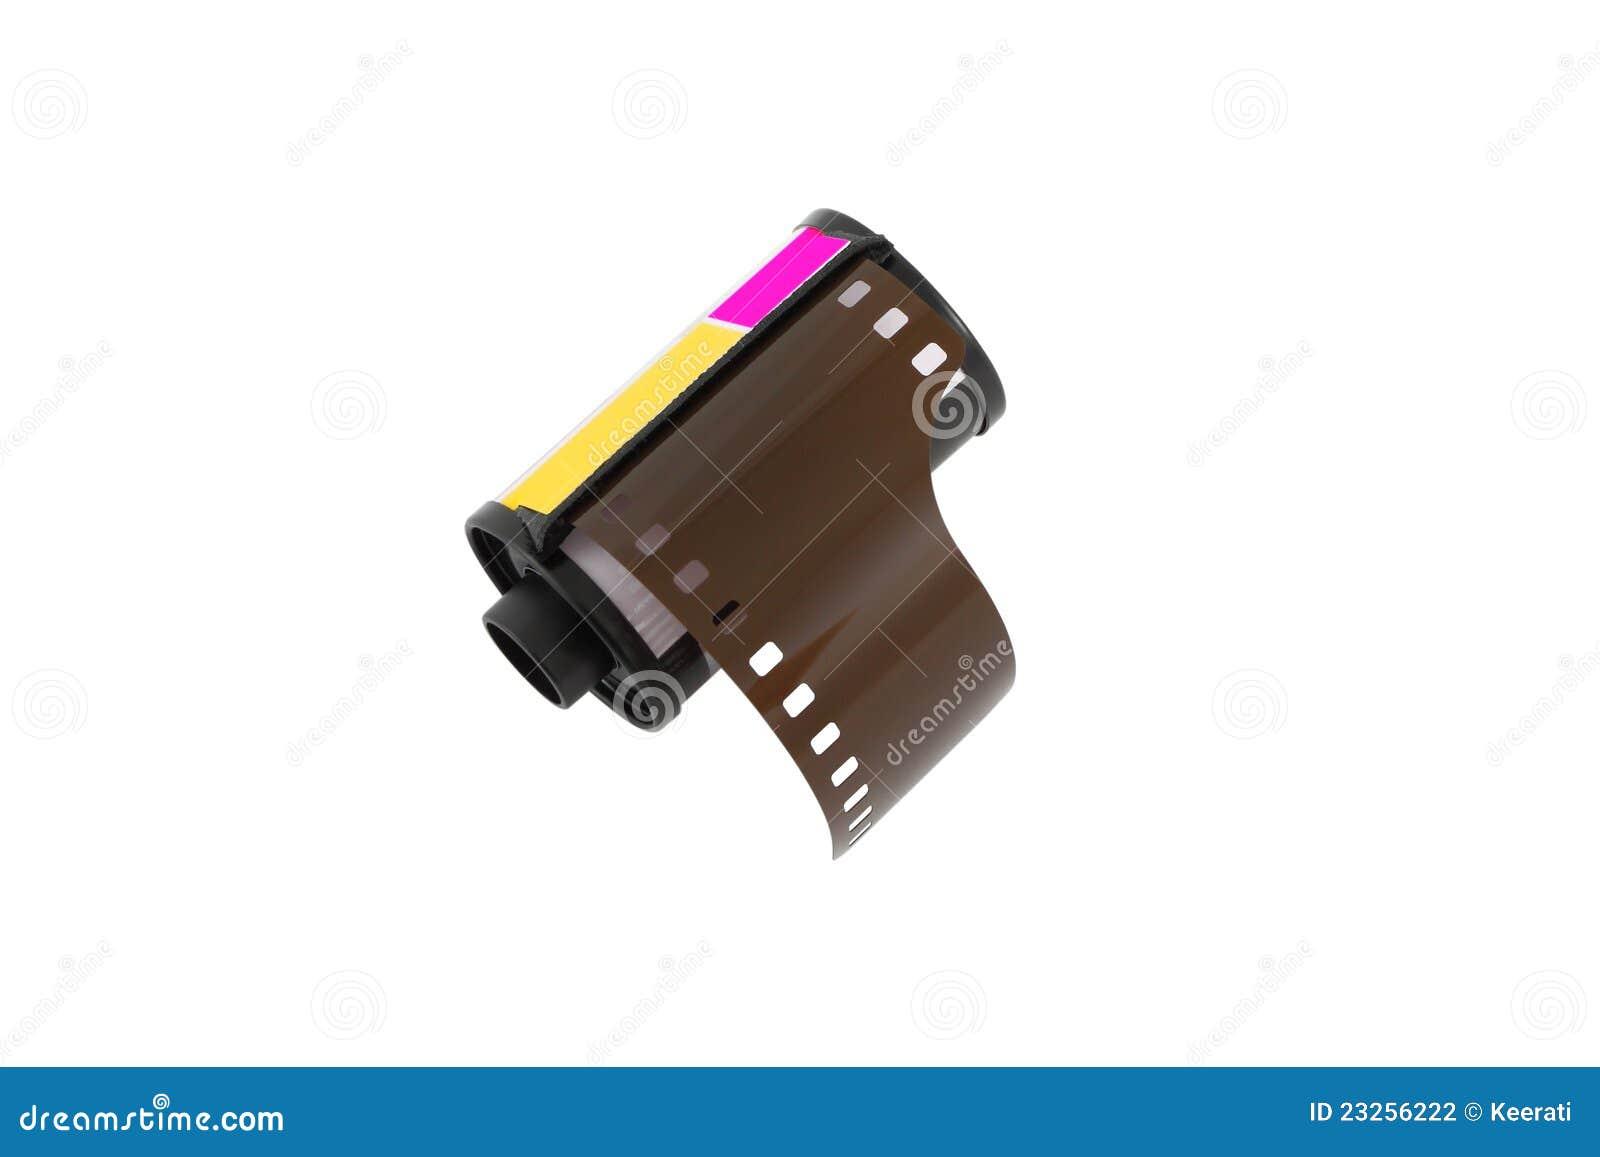 Camera negative film roll